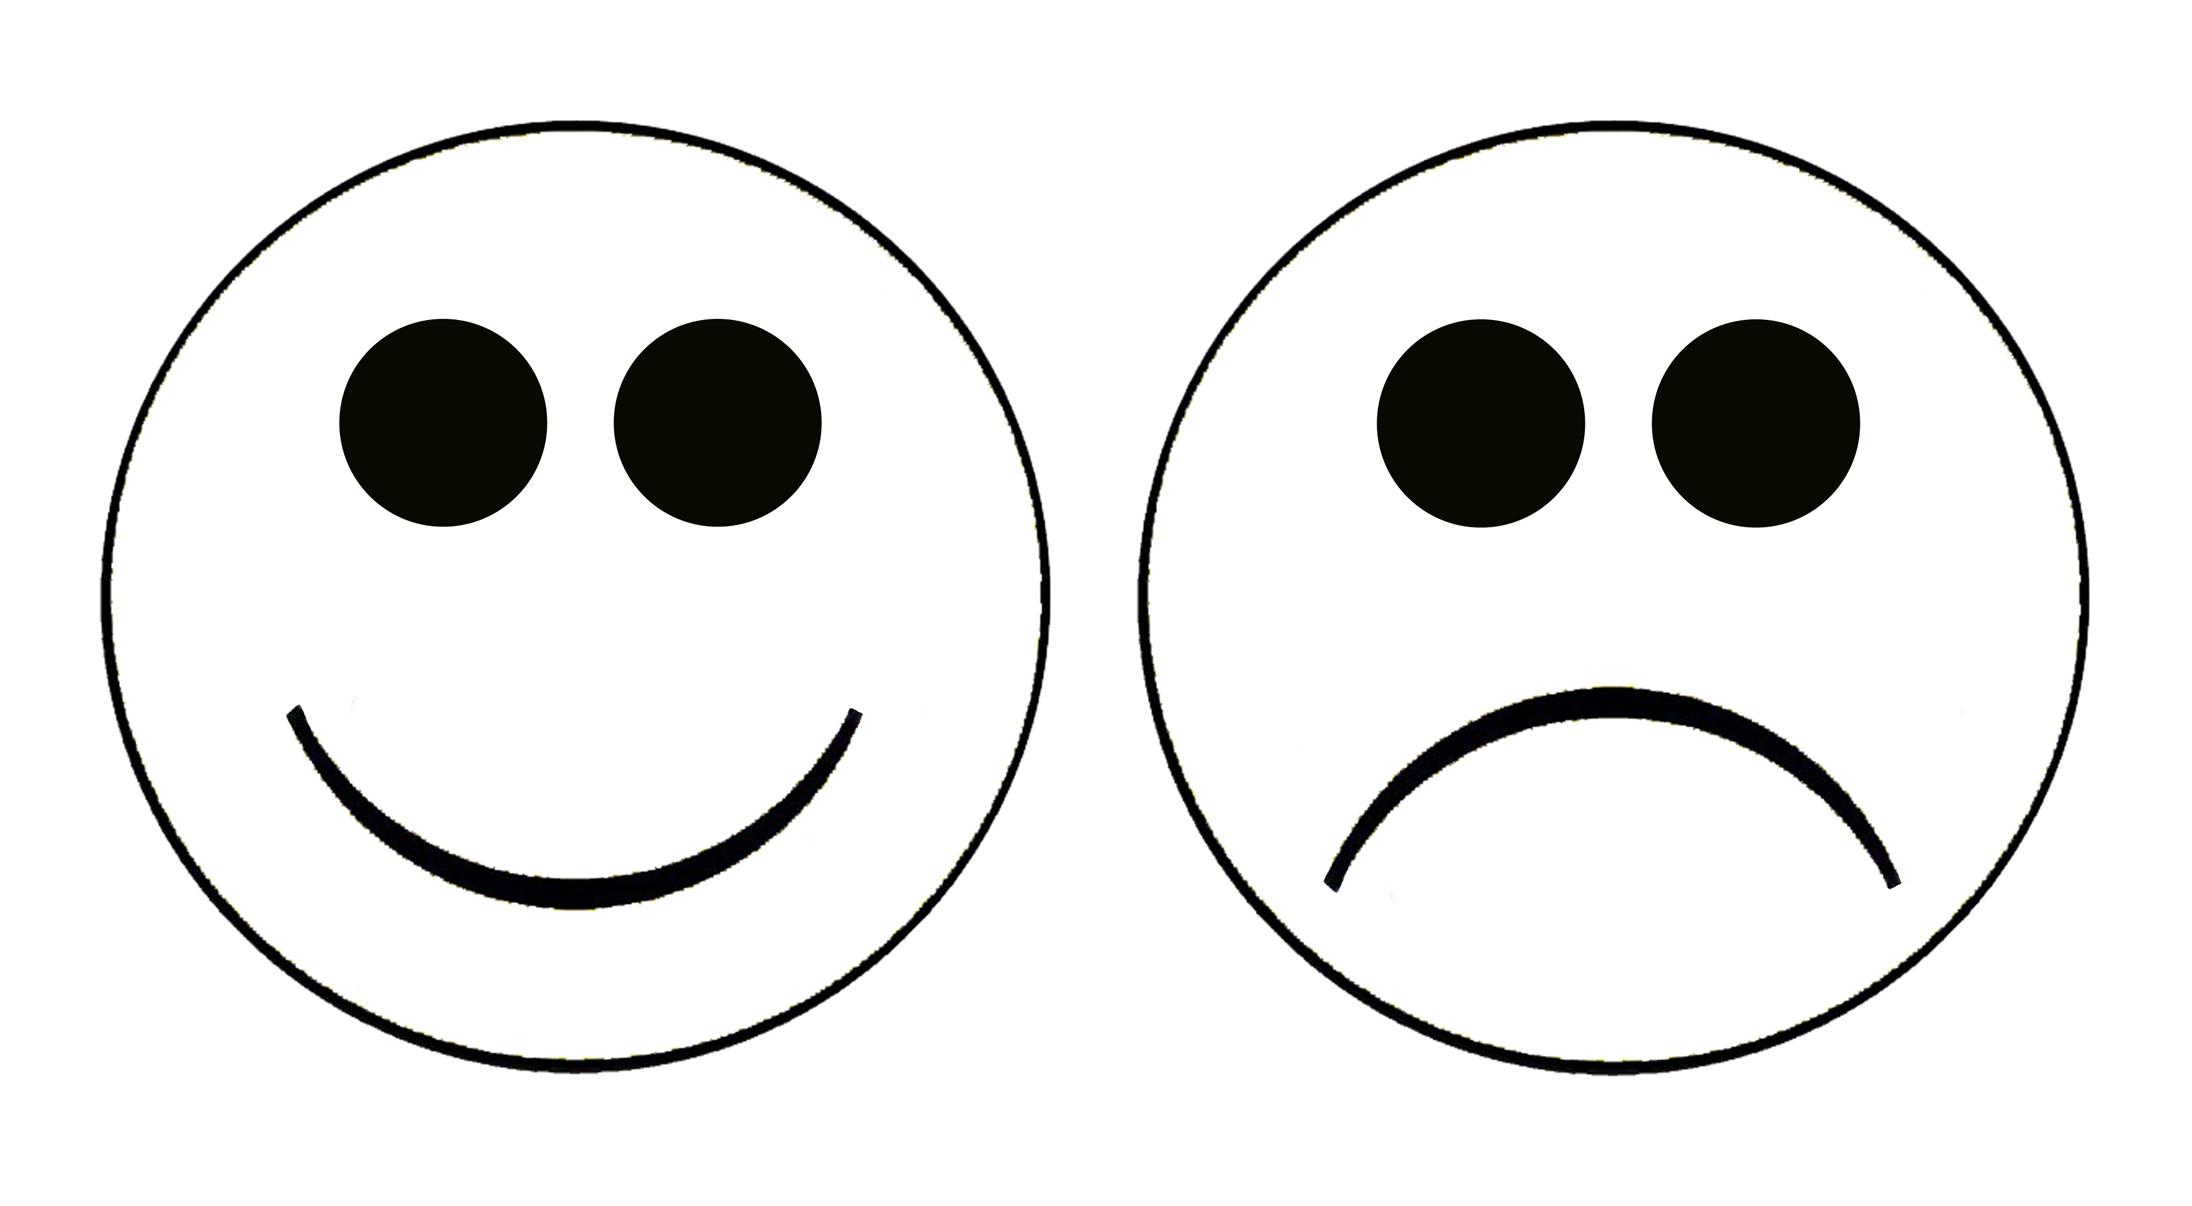 Smiley Face Sad Face Clipart-Smiley face sad face clipart-17